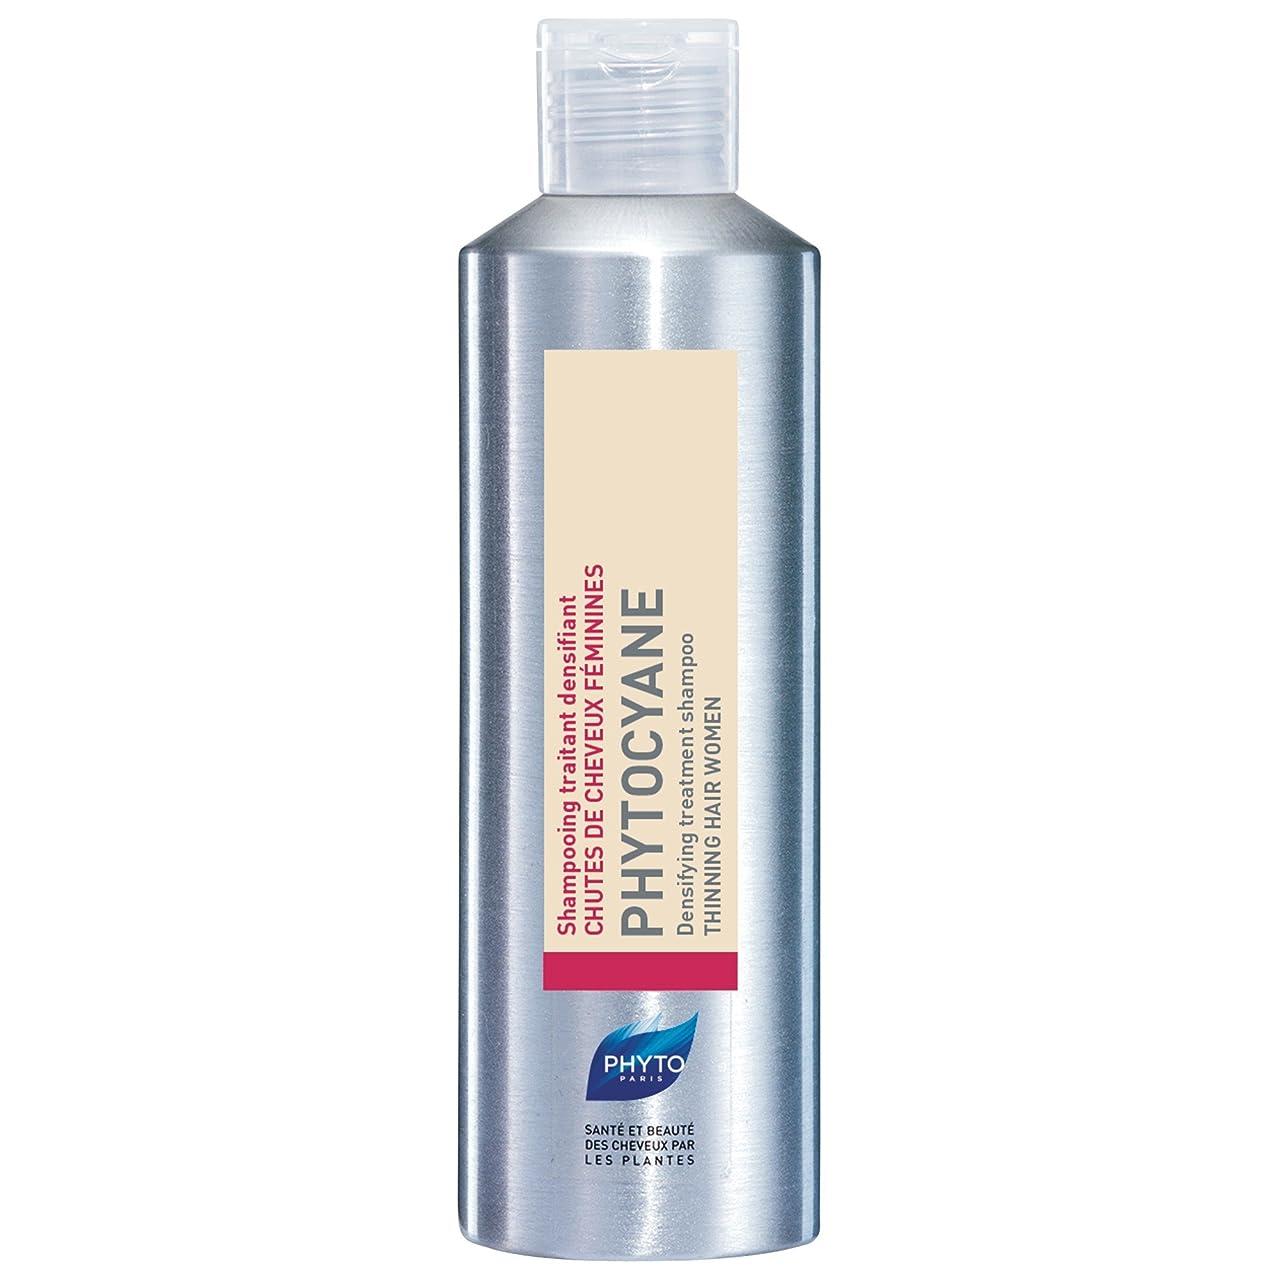 偽コンソール統計的髪の200ミリリットルを薄くするための予防のためのシャンプーを緻密化フィトPhytocyane (Phyto) - Phyto Phytocyane Densifying Treatment Shampoo for Thinning Hair 200ml [並行輸入品]